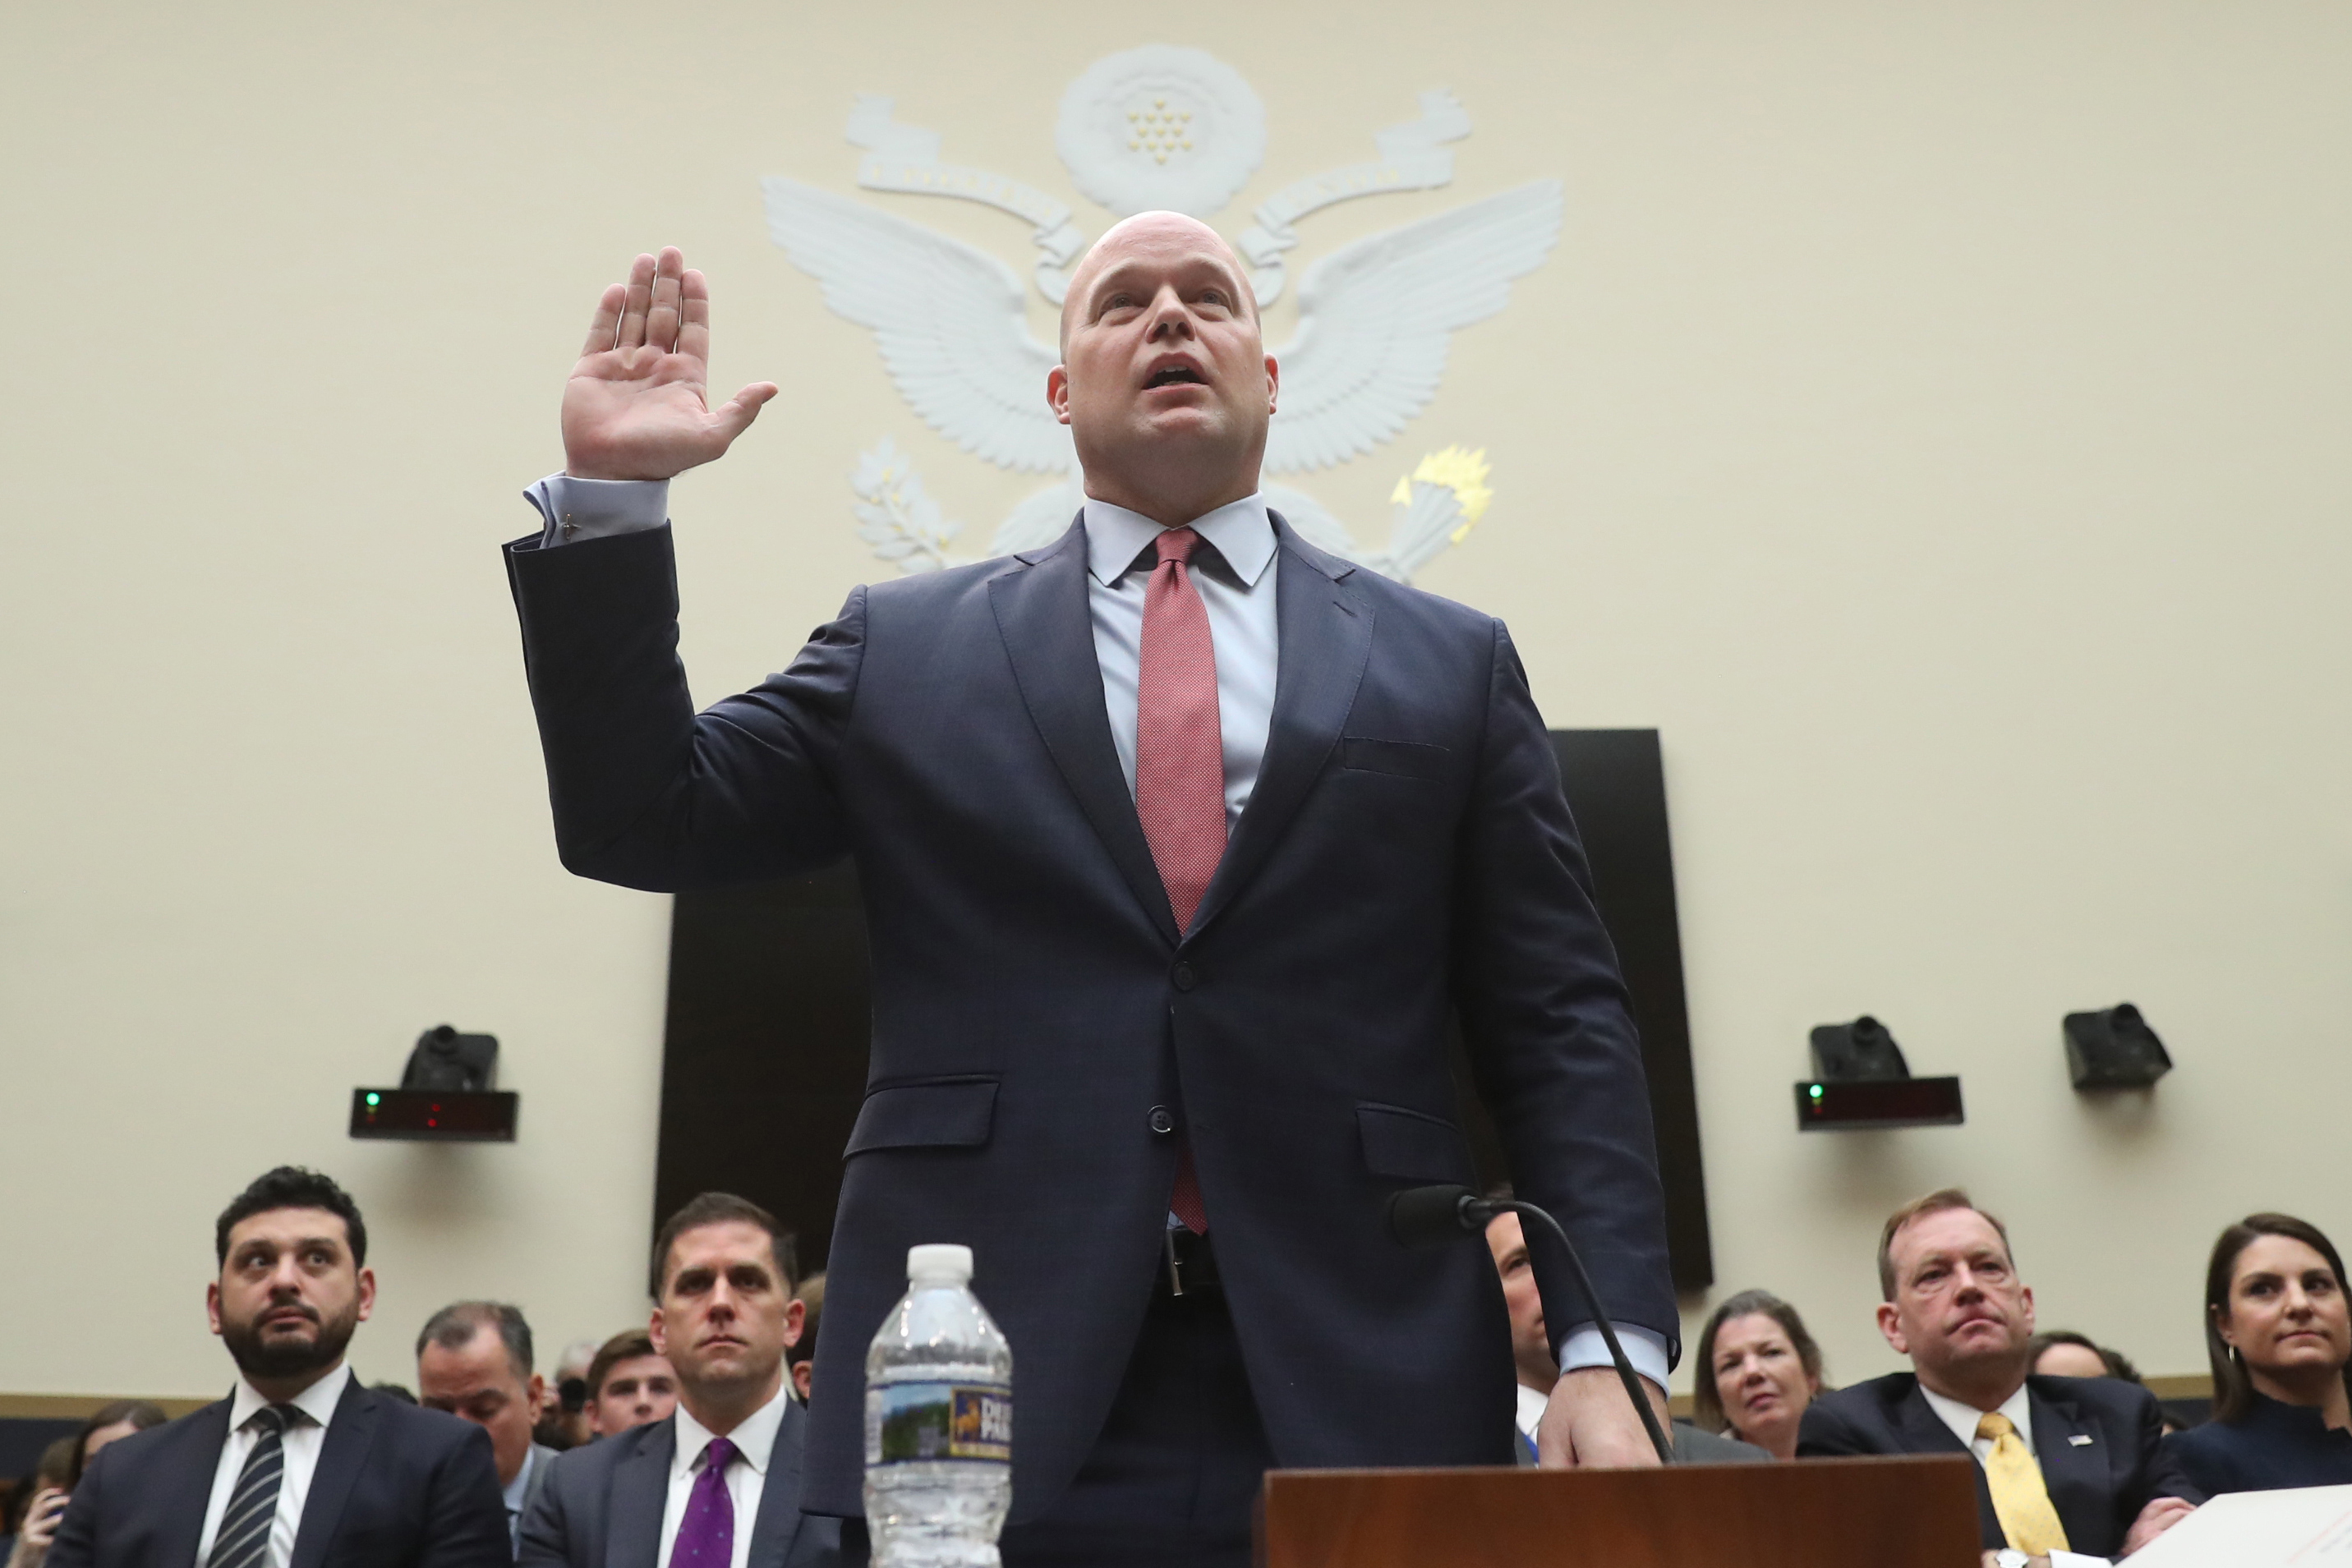 El secretario de Justicia interino Matthew Whitaker presta juramento de decir la verdad al ser interpelado por la Comisión de Asuntos Jurídicos de la Cámara de Representantes en el Congreso (AP Foto/Andrew Harnik)